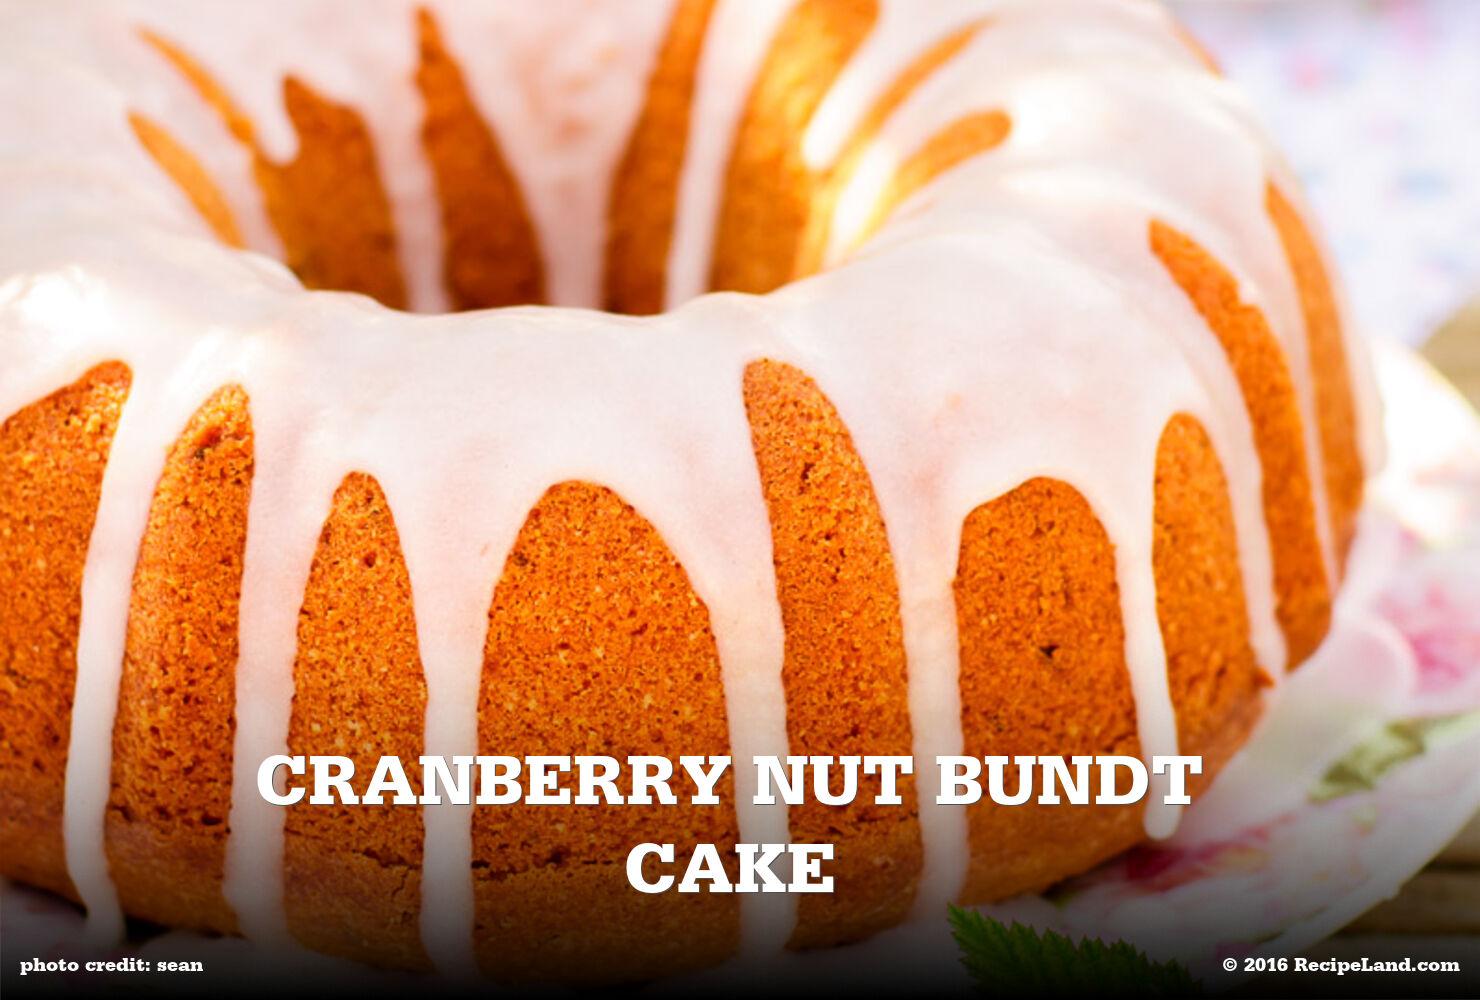 Cranberry Nut Bundt Cake